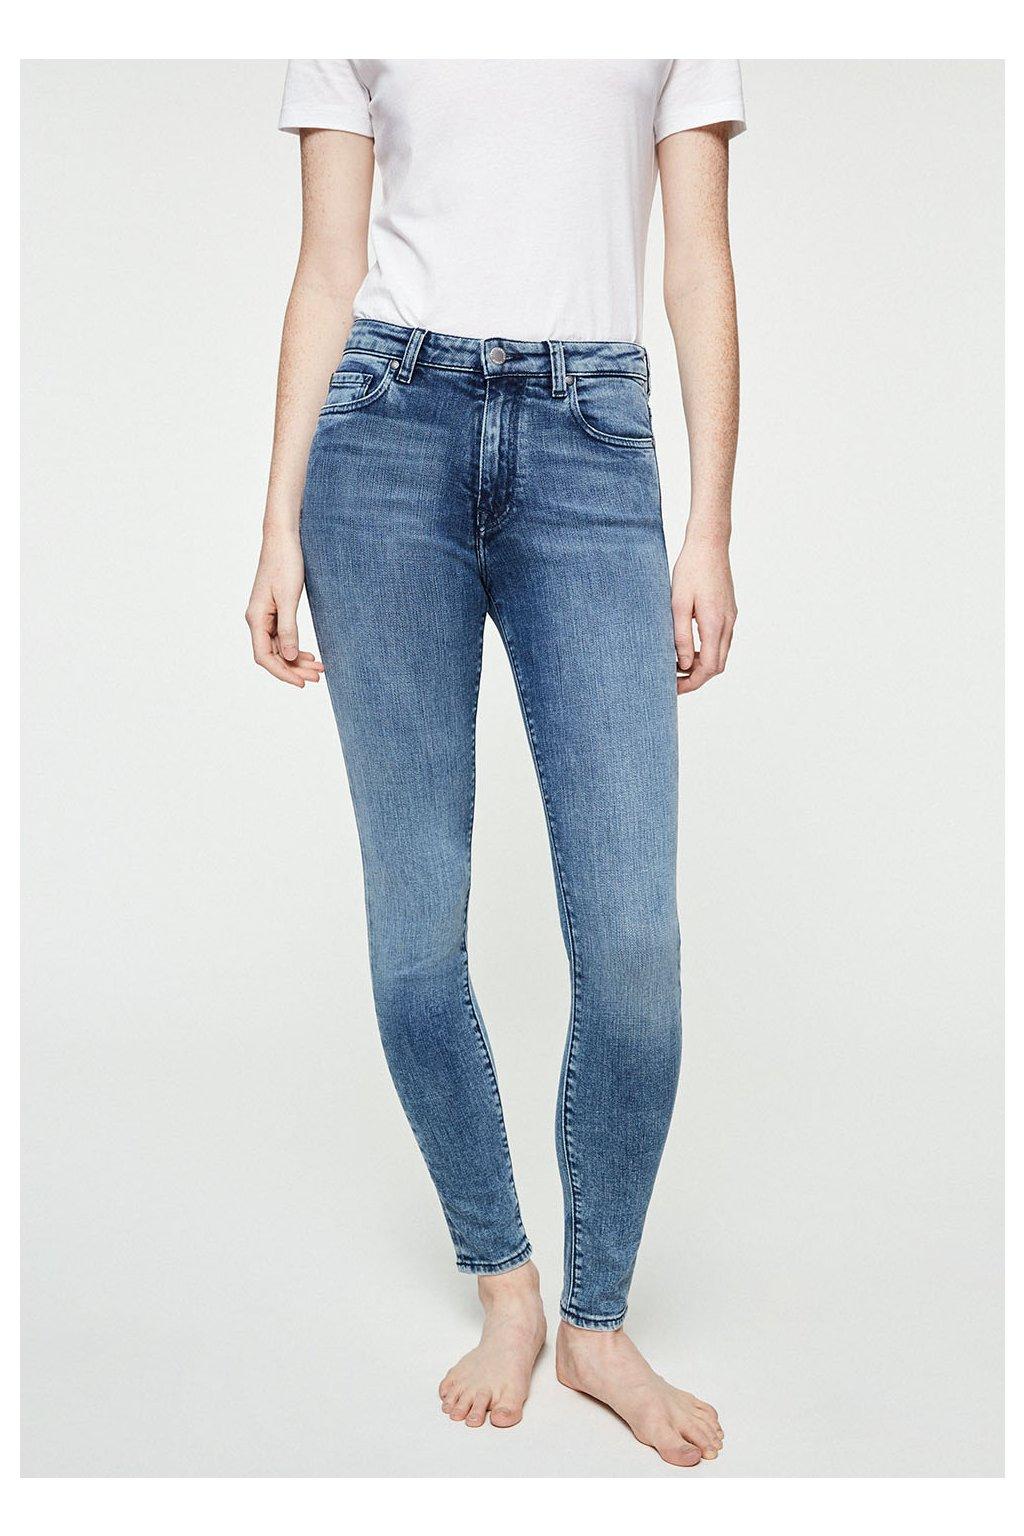 """Dámské modré slim fit džíny """"TILLAA STONE WASH"""" (Velikost 25/32)"""